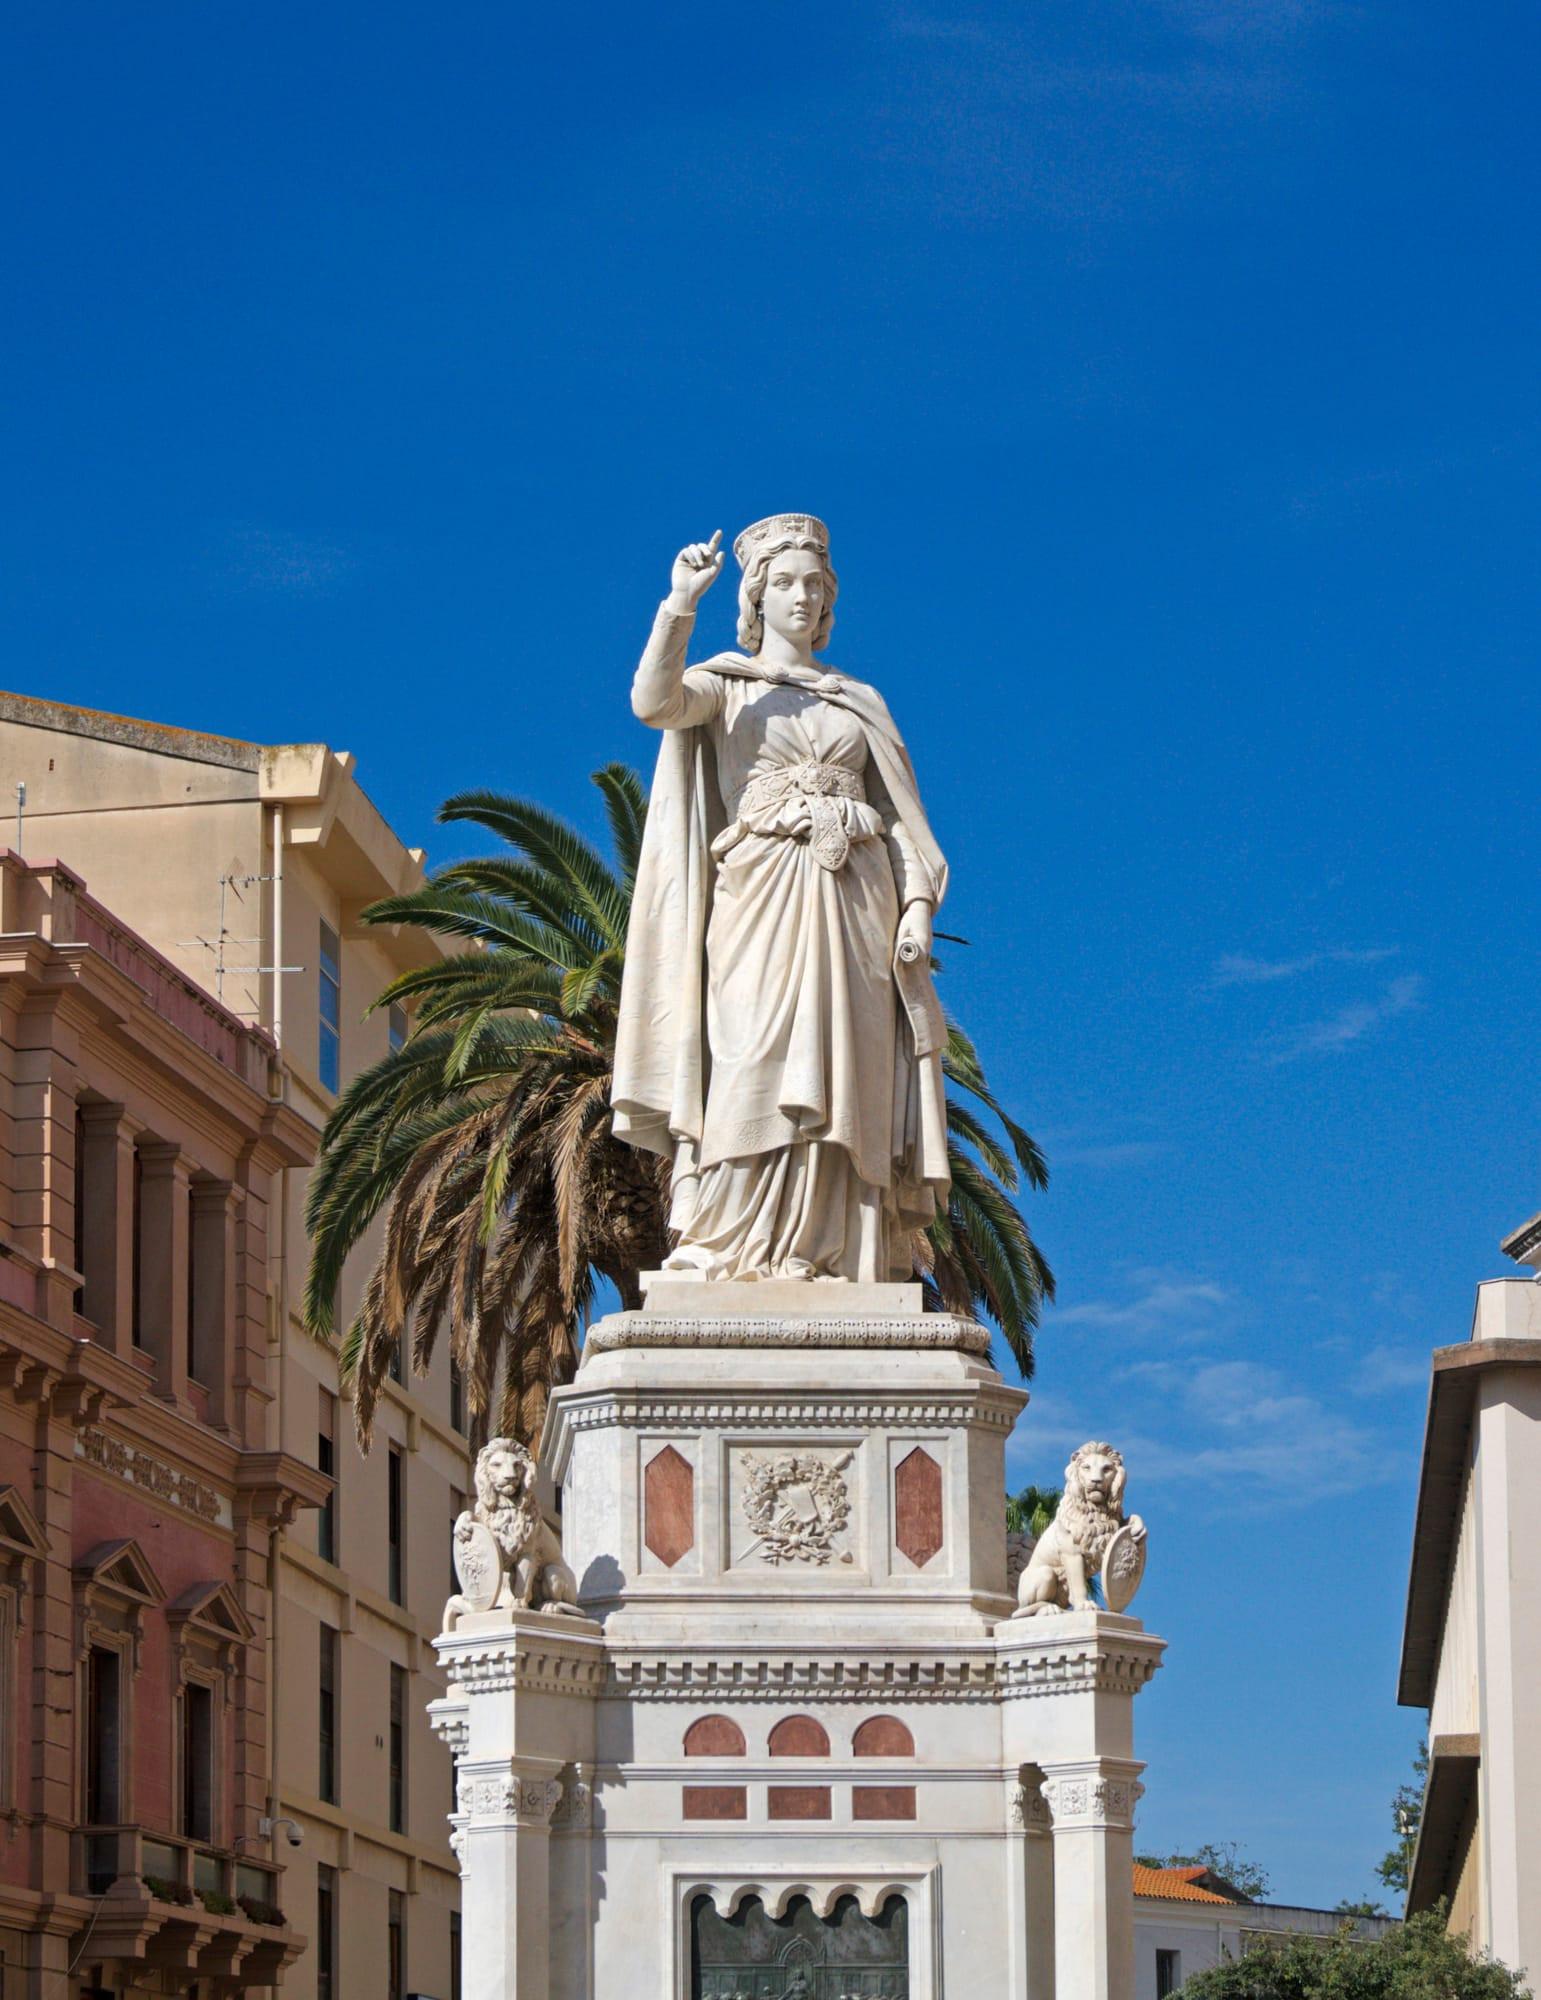 Standbeeld van Eleonora in Oristano